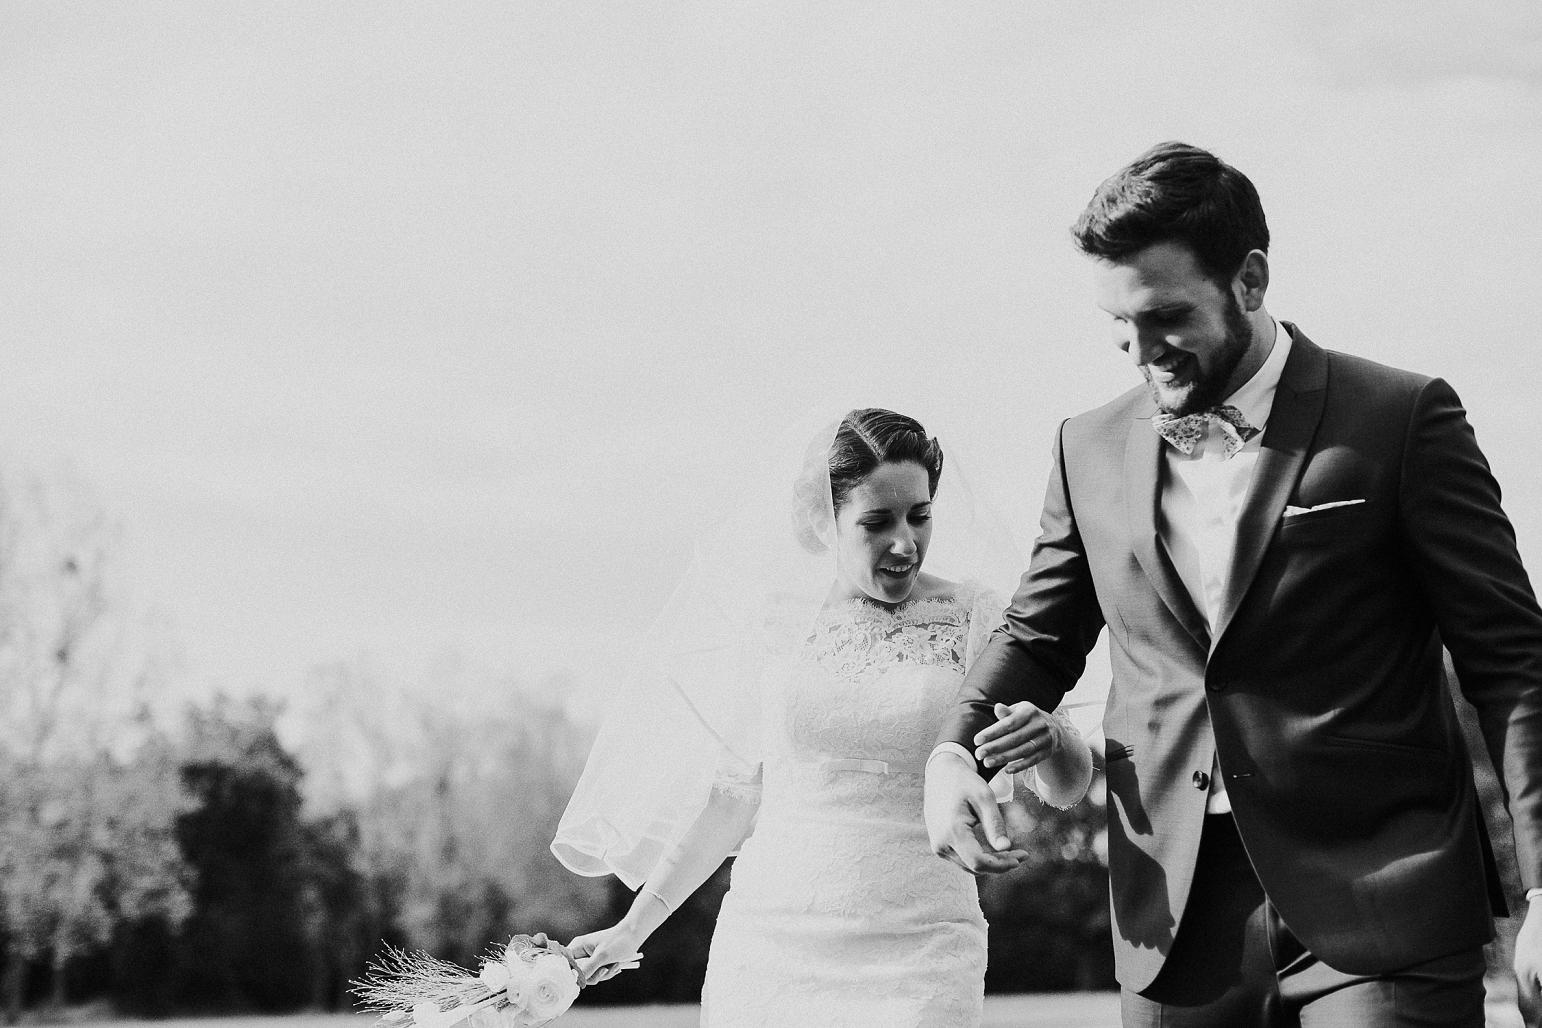 kateryna-photos-mariage-wedding-france-bretagne-pays-de-la-loire-chateau-de-la-colaissiere-st-sauveur-de-landemont_0065.jpg